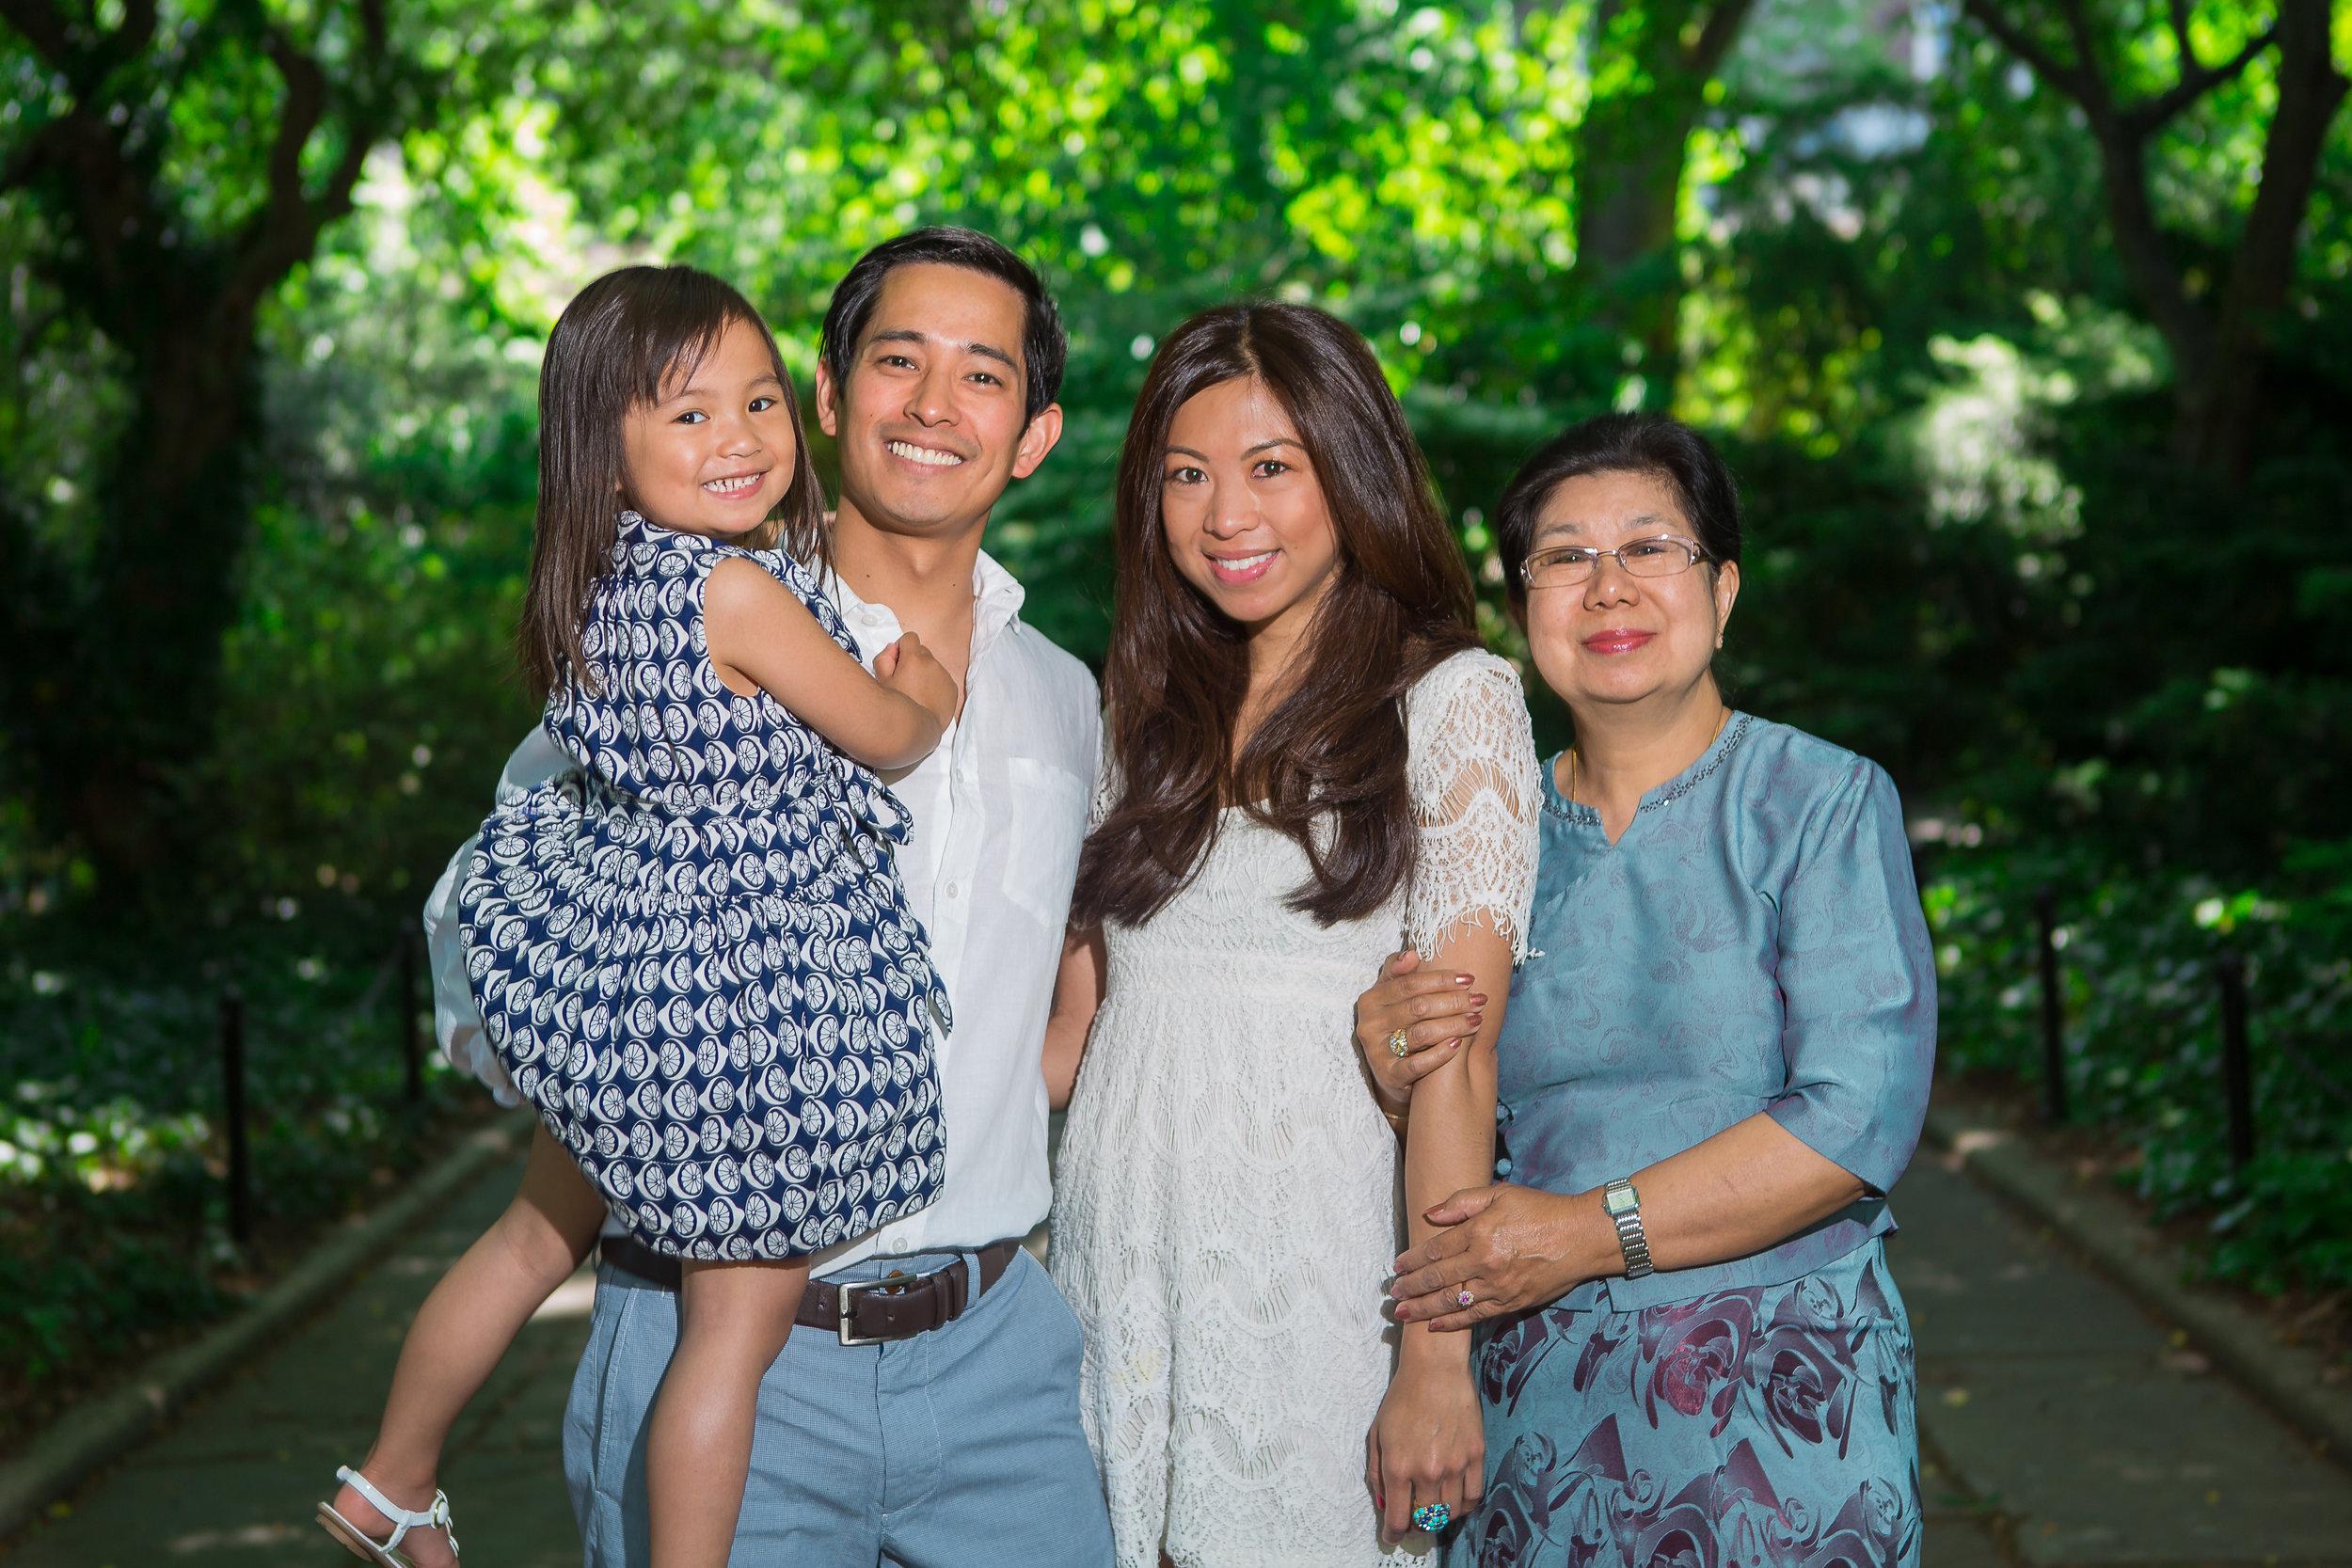 2012-05-20MimiMarkMaia-CentralParkConservatoryGarden-7.jpg